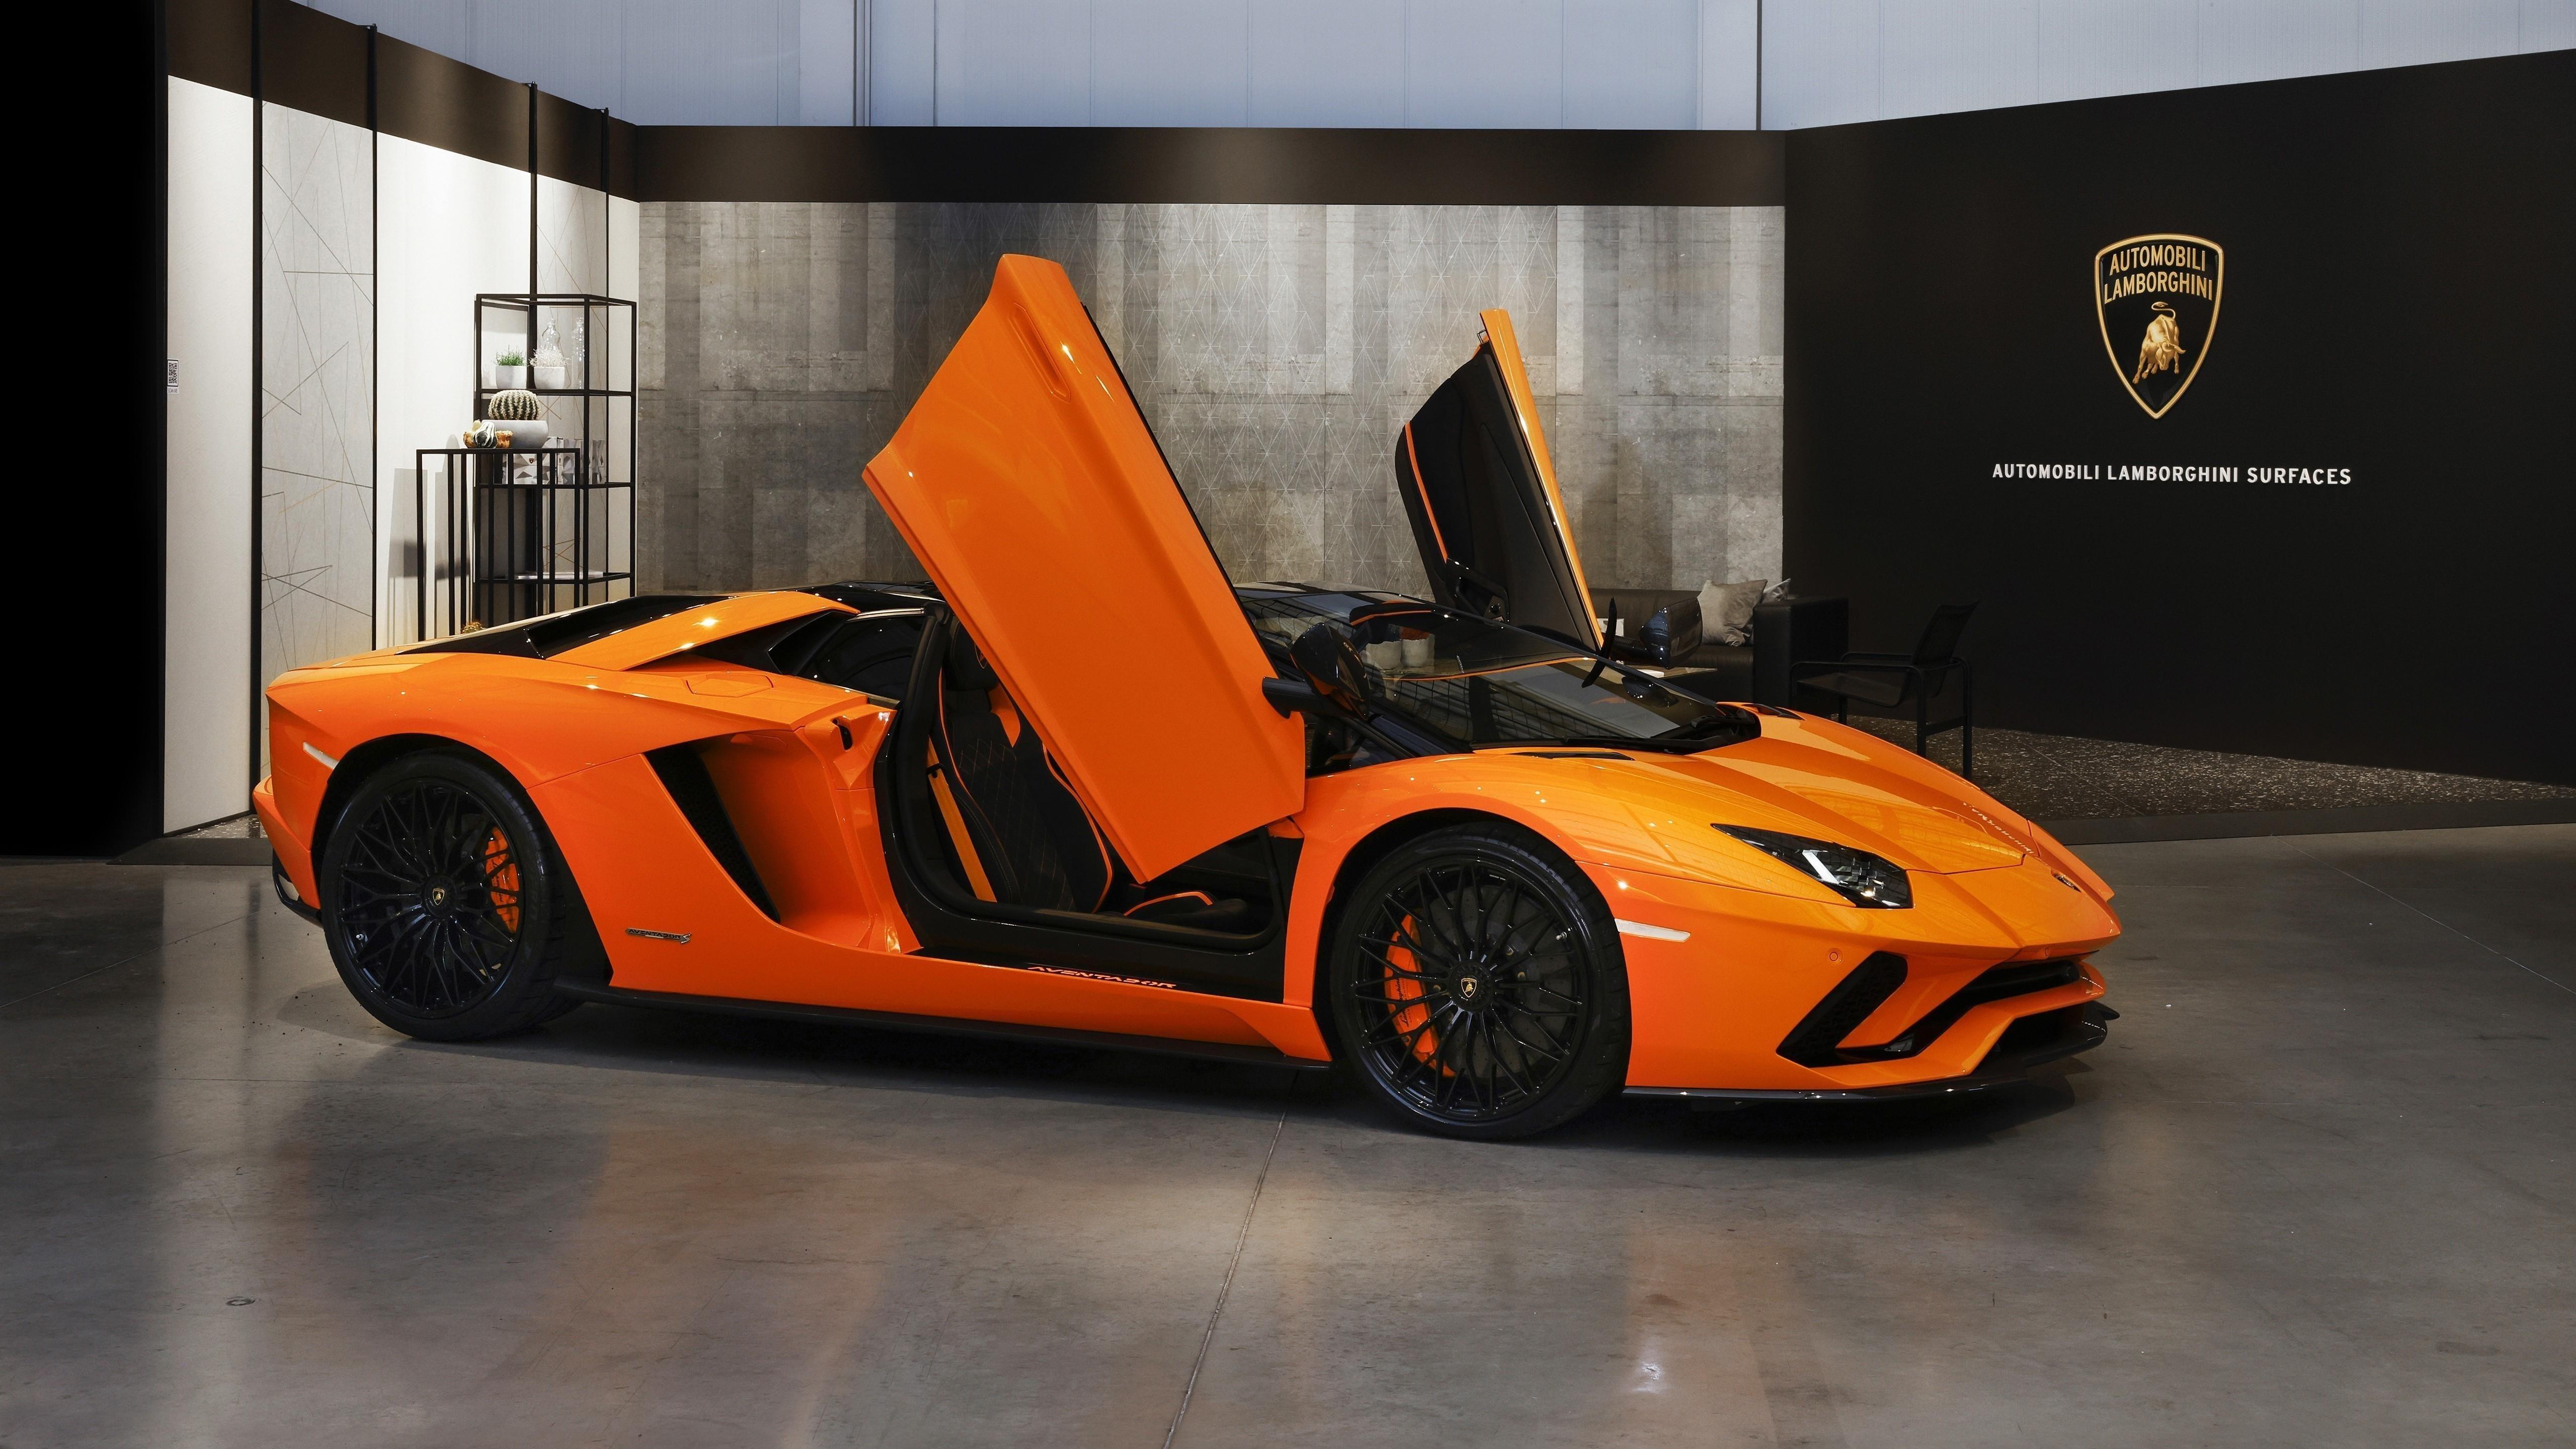 Lamborghini aventador 4 автомобиля обои скачать